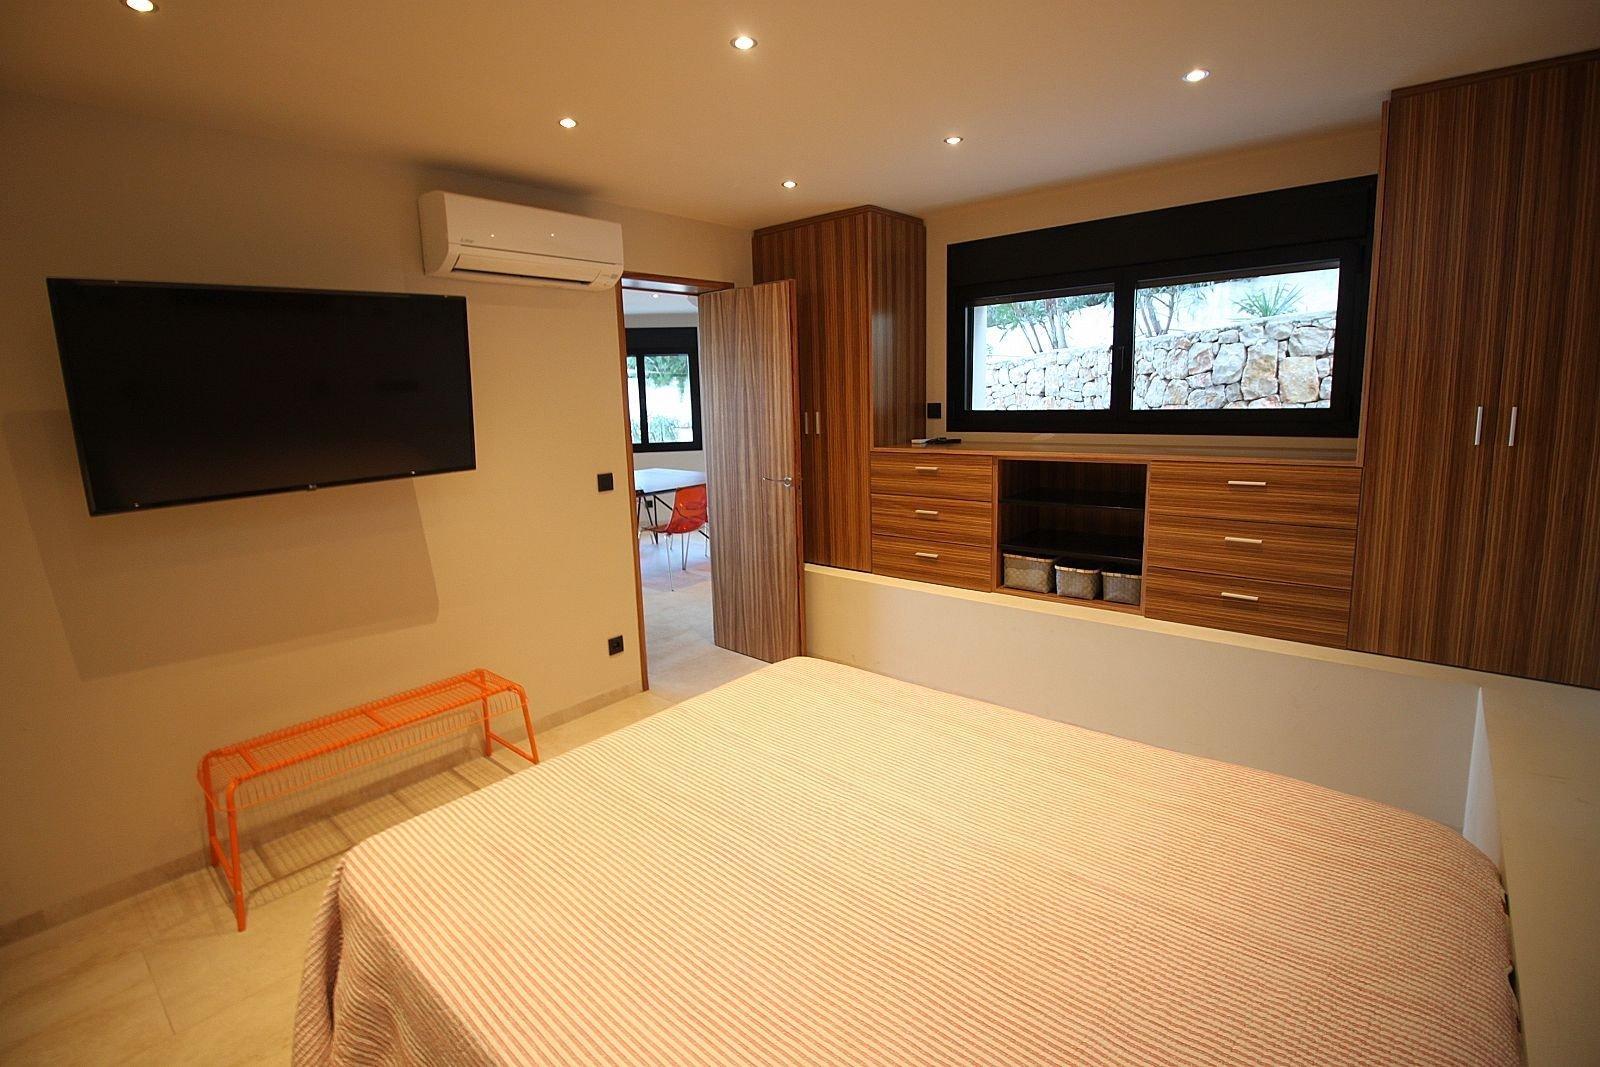 Villa moderna con vista al mar en excelente ubicación